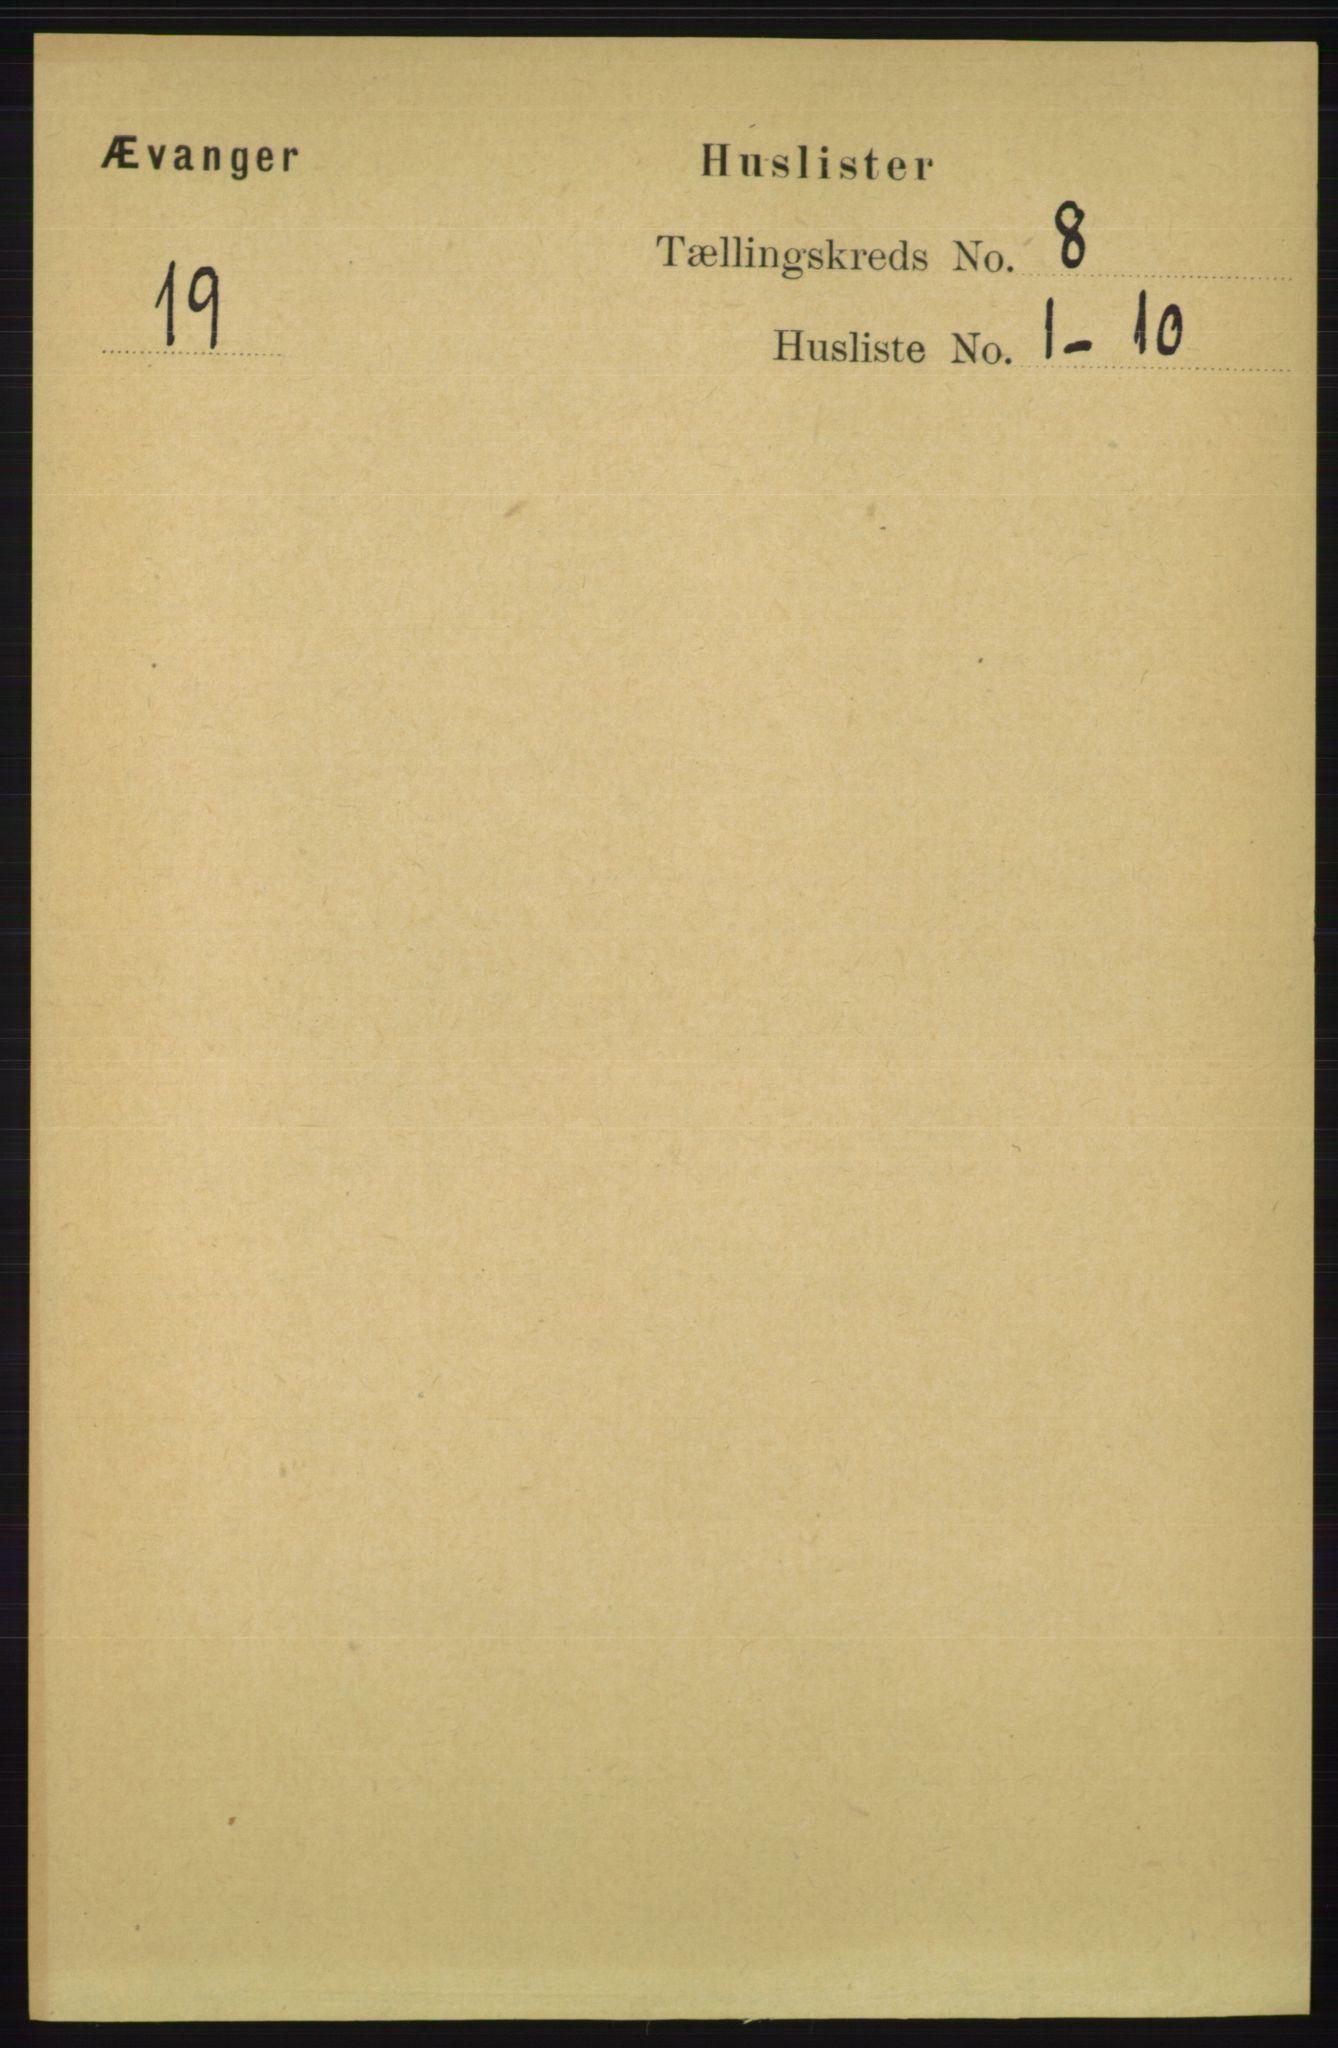 RA, Folketelling 1891 for 1237 Evanger herred, 1891, s. 2246